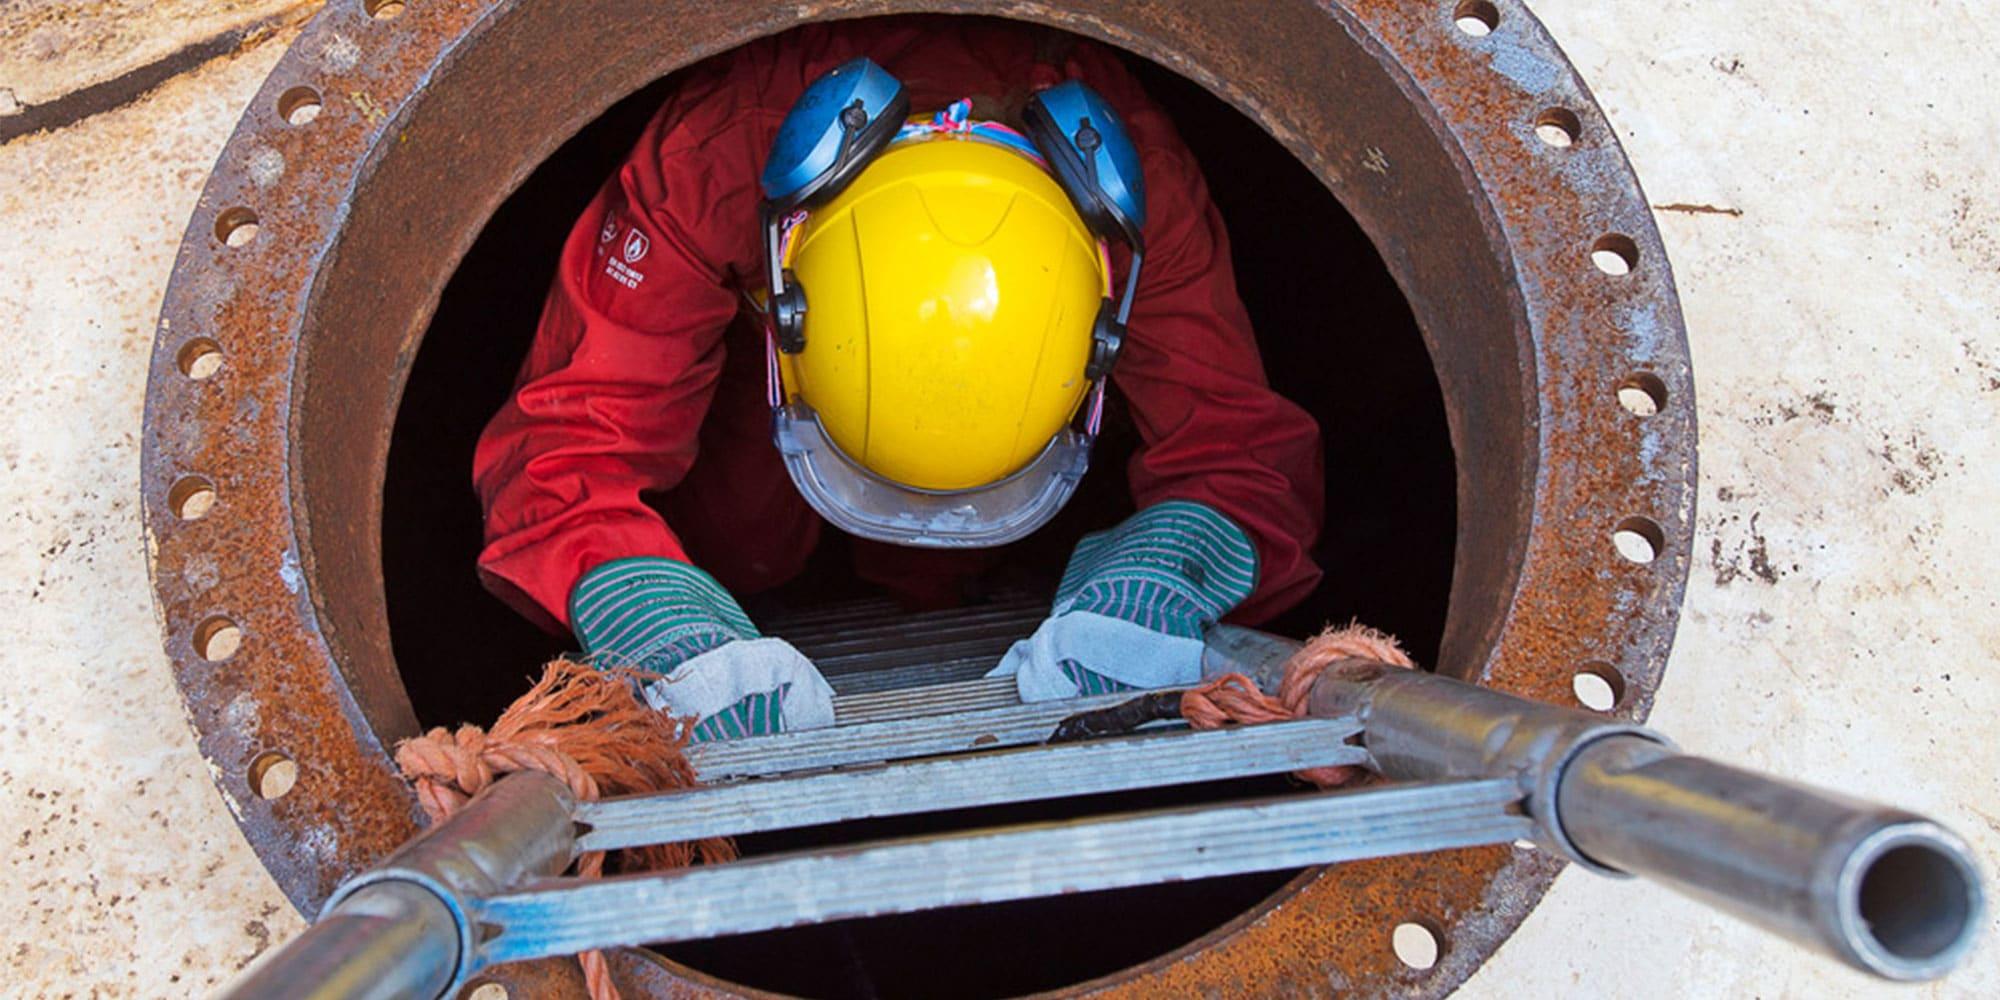 Inspecties duikers, sifons, riolen en tanks